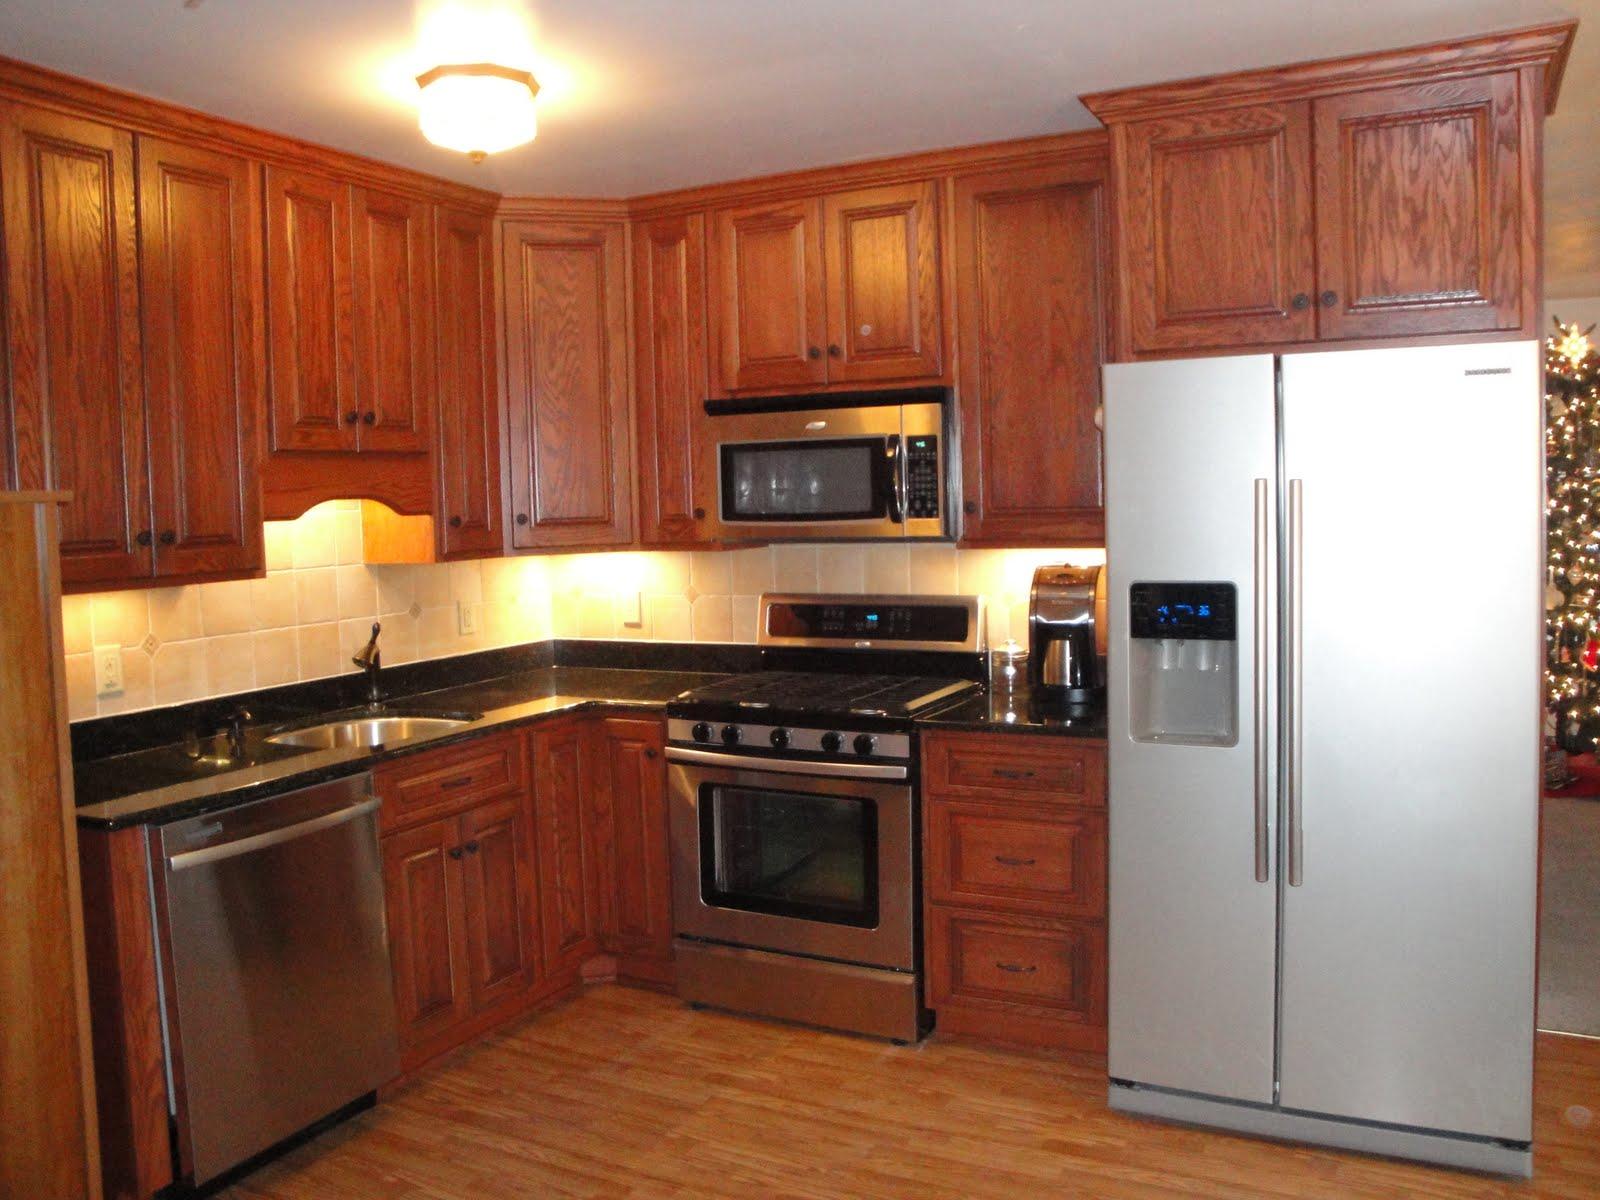 Red kitchen appliances     Kitchen ideas